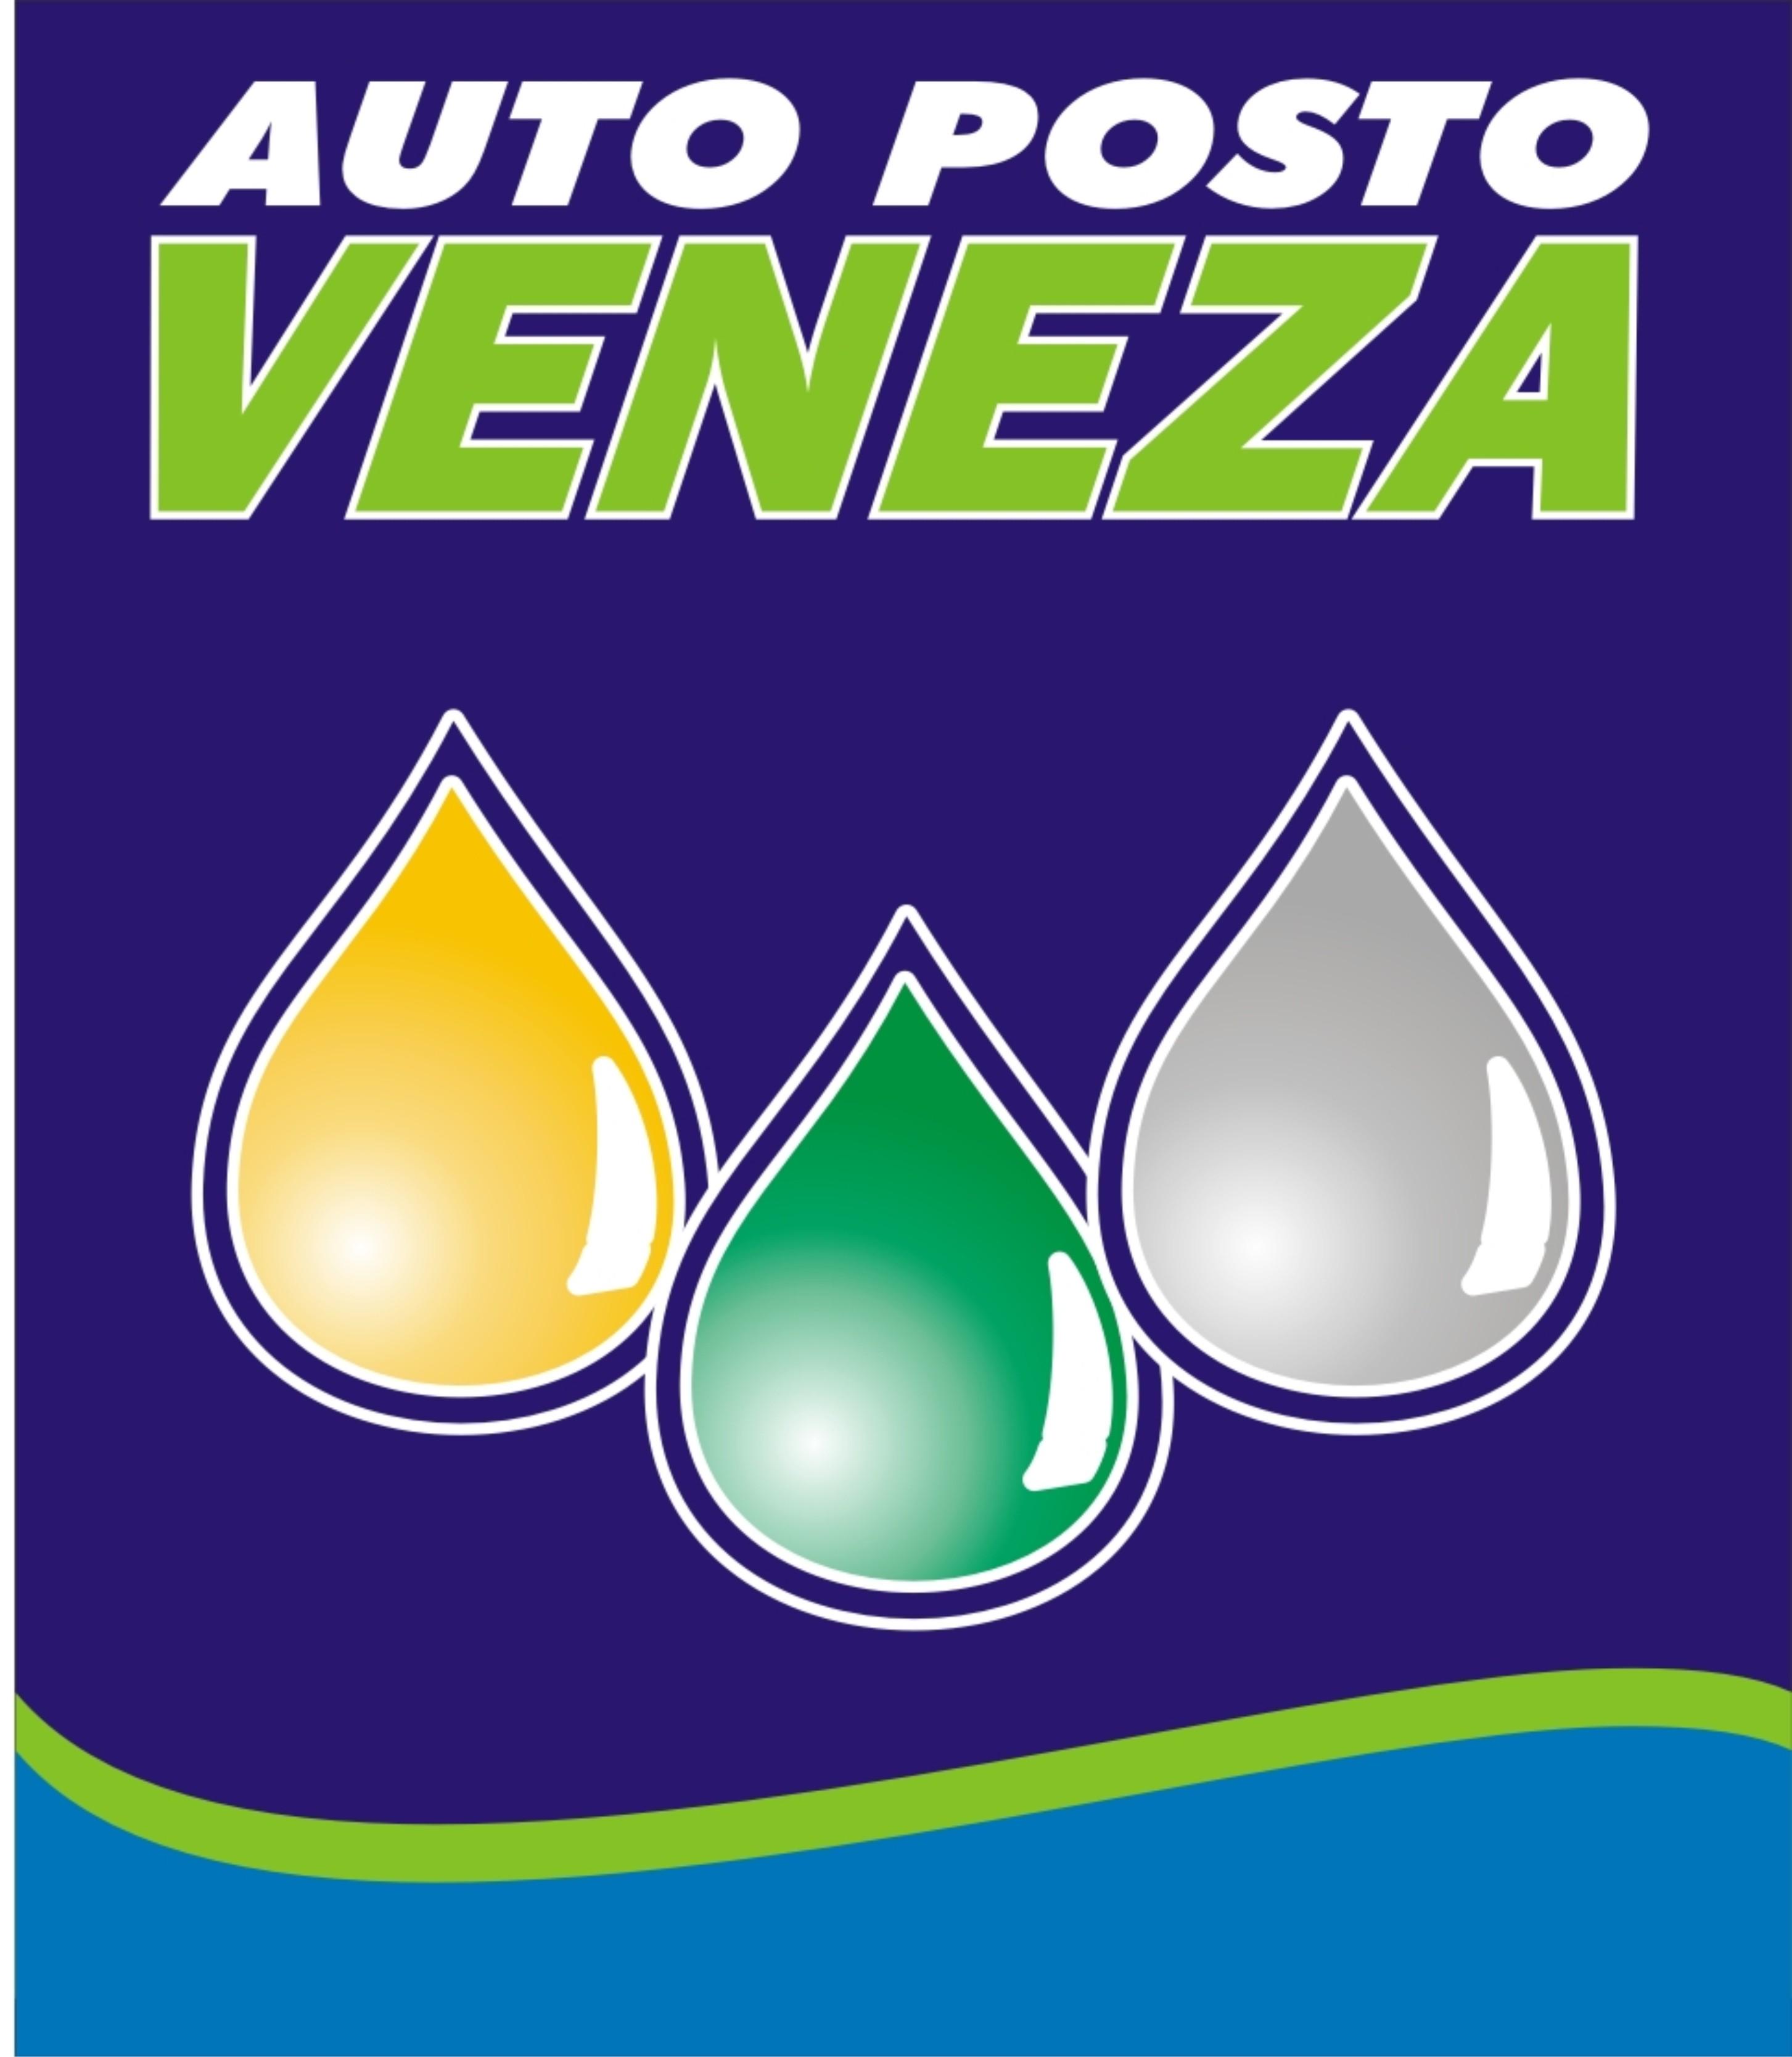 Posto Veneza